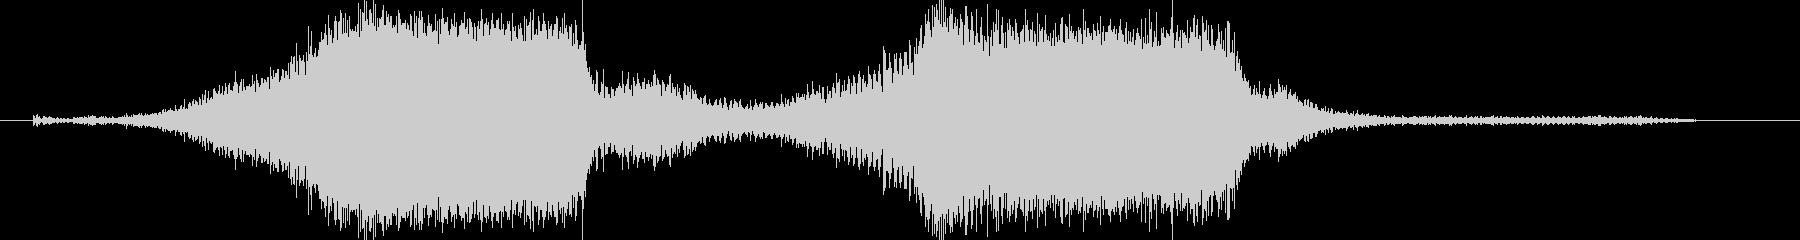 シュルシュル、キュルキュルという機械音の未再生の波形